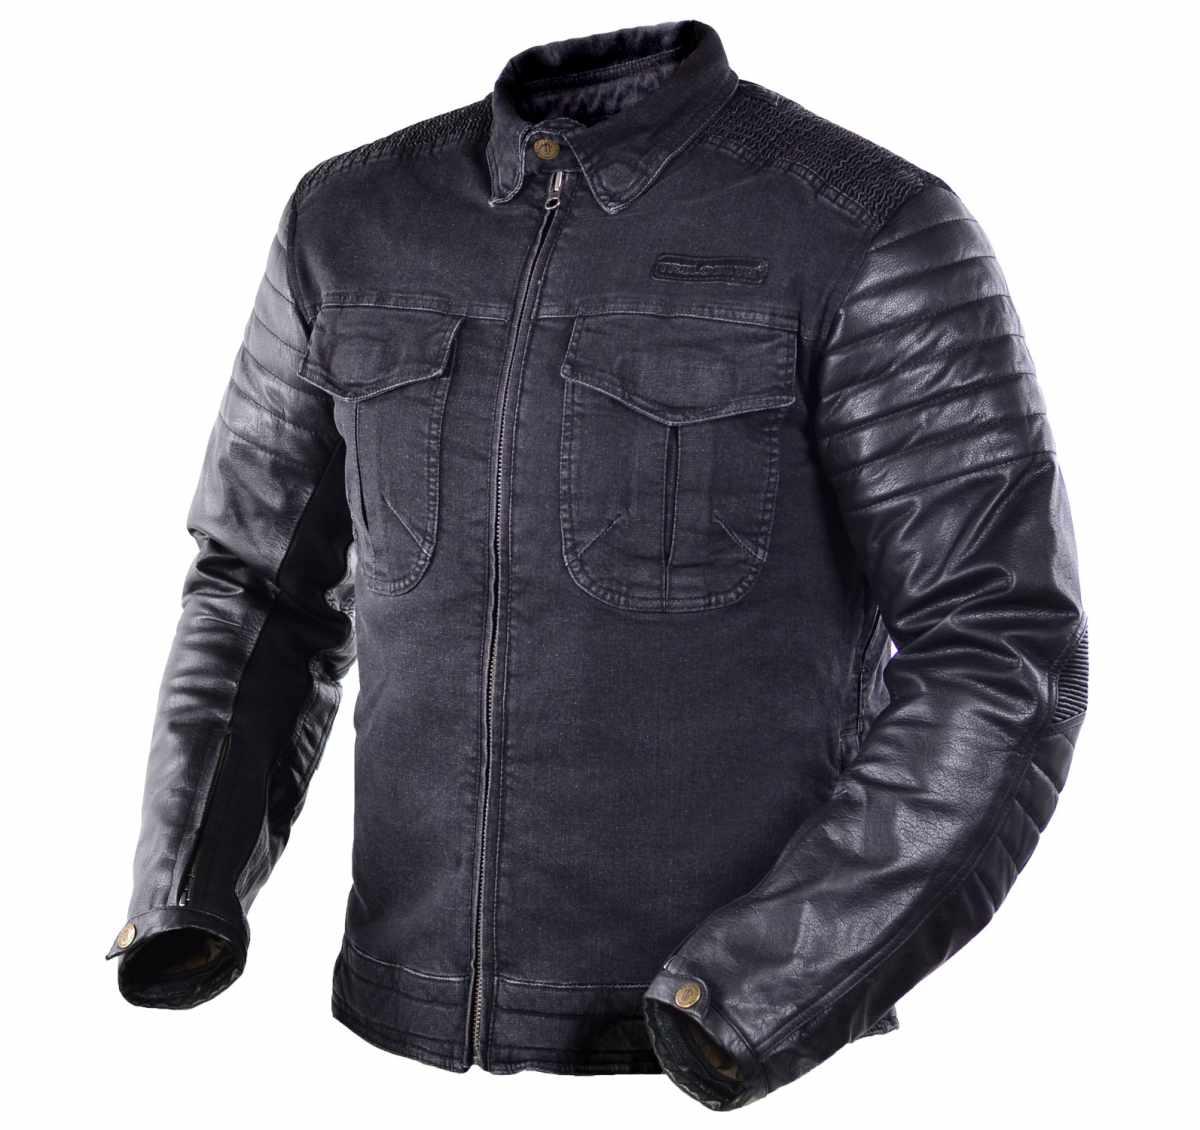 https://www.cs-bikewear.de/media/image/7a/90/47/trilobite-acid-scrambler-jeans-jacke-schwarz_600x600@2x.jpg